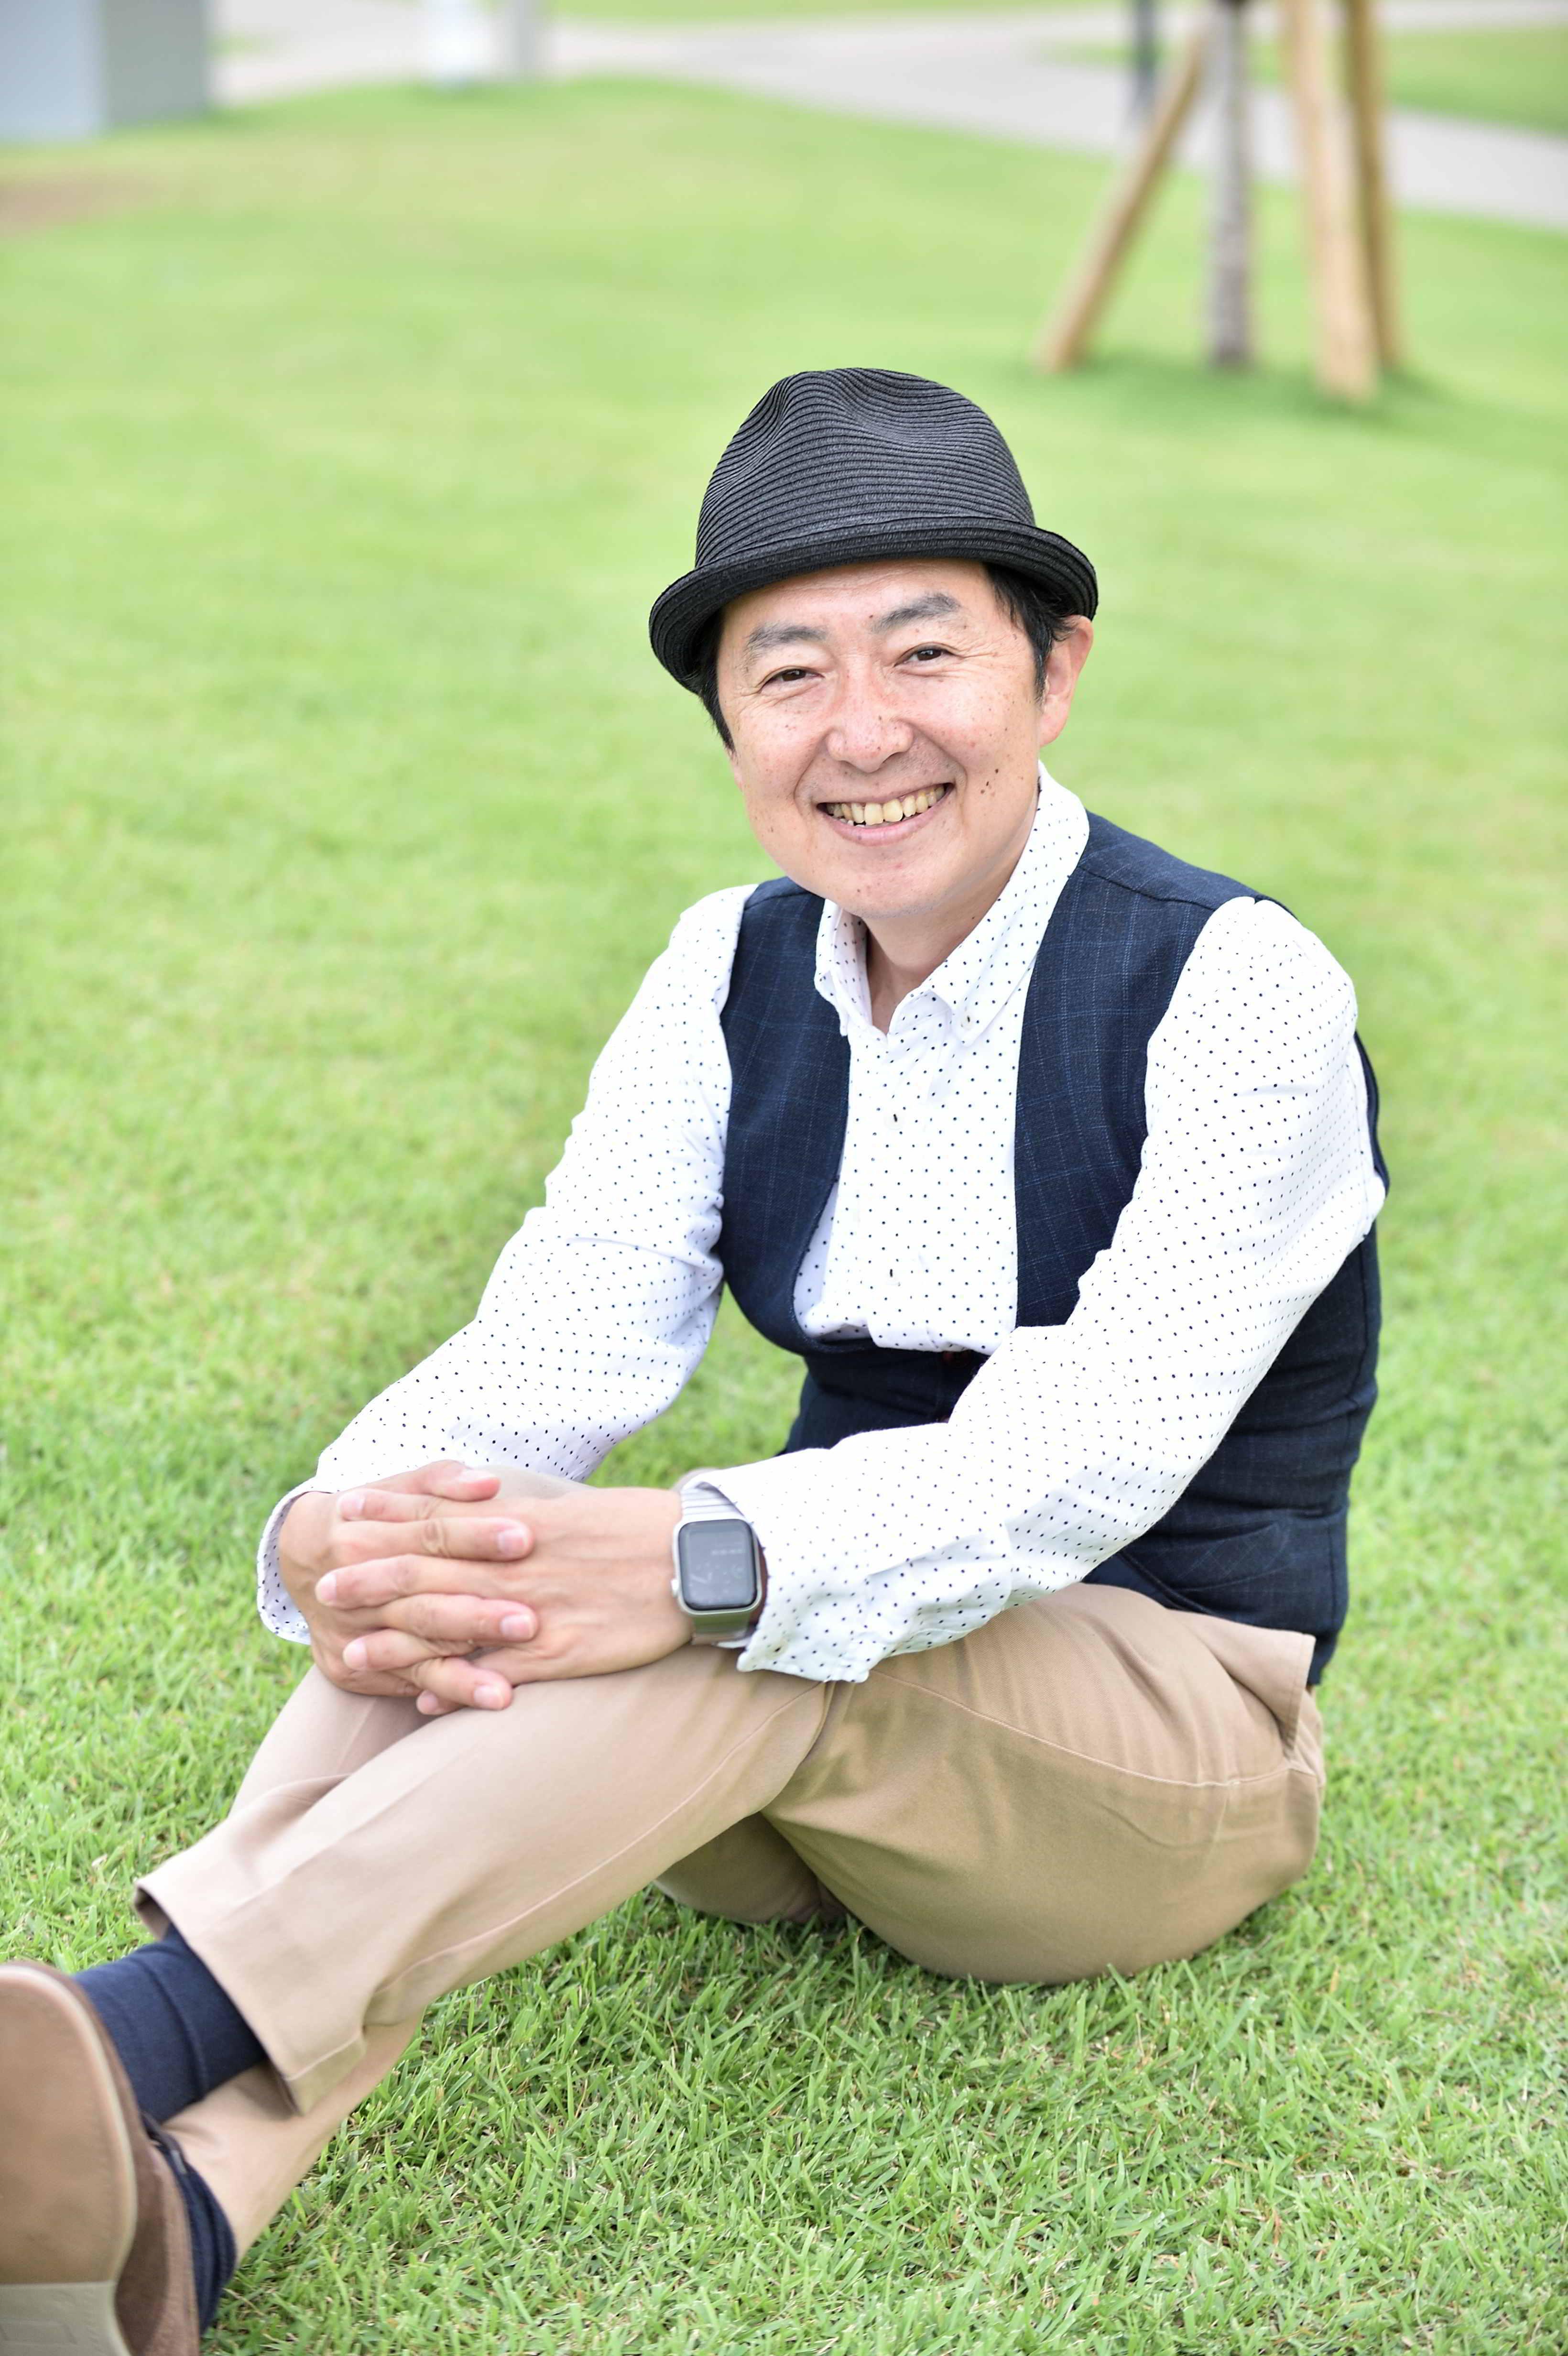 発売即重版!ステージ4のがんから復帰した笠井信輔さん書籍『生きる力』大きな話題に!